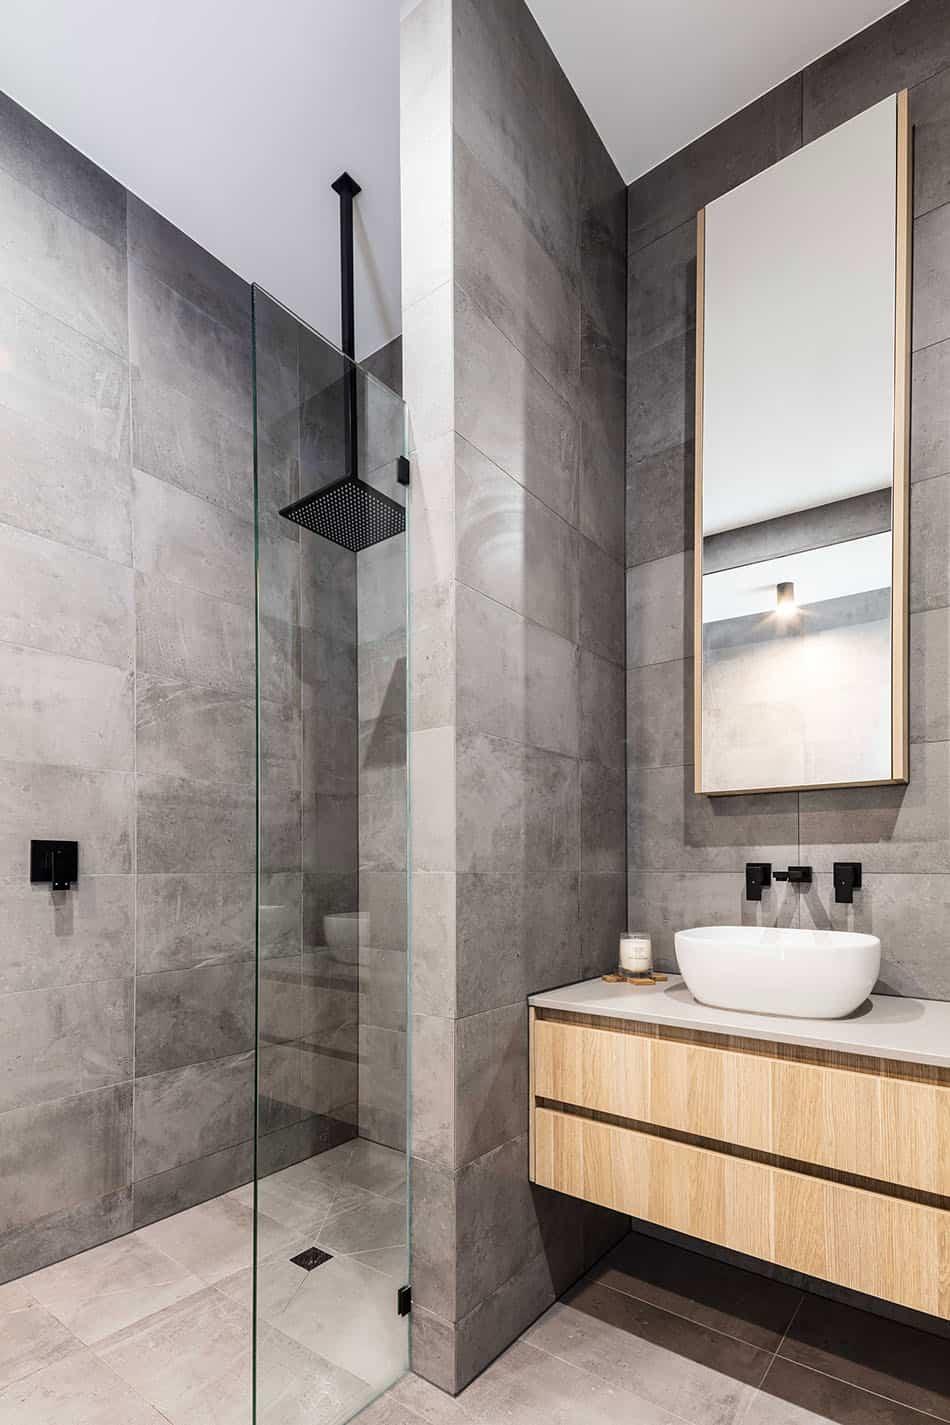 Los errores más habituales al reformar el baño. ¡No los cometas! 3